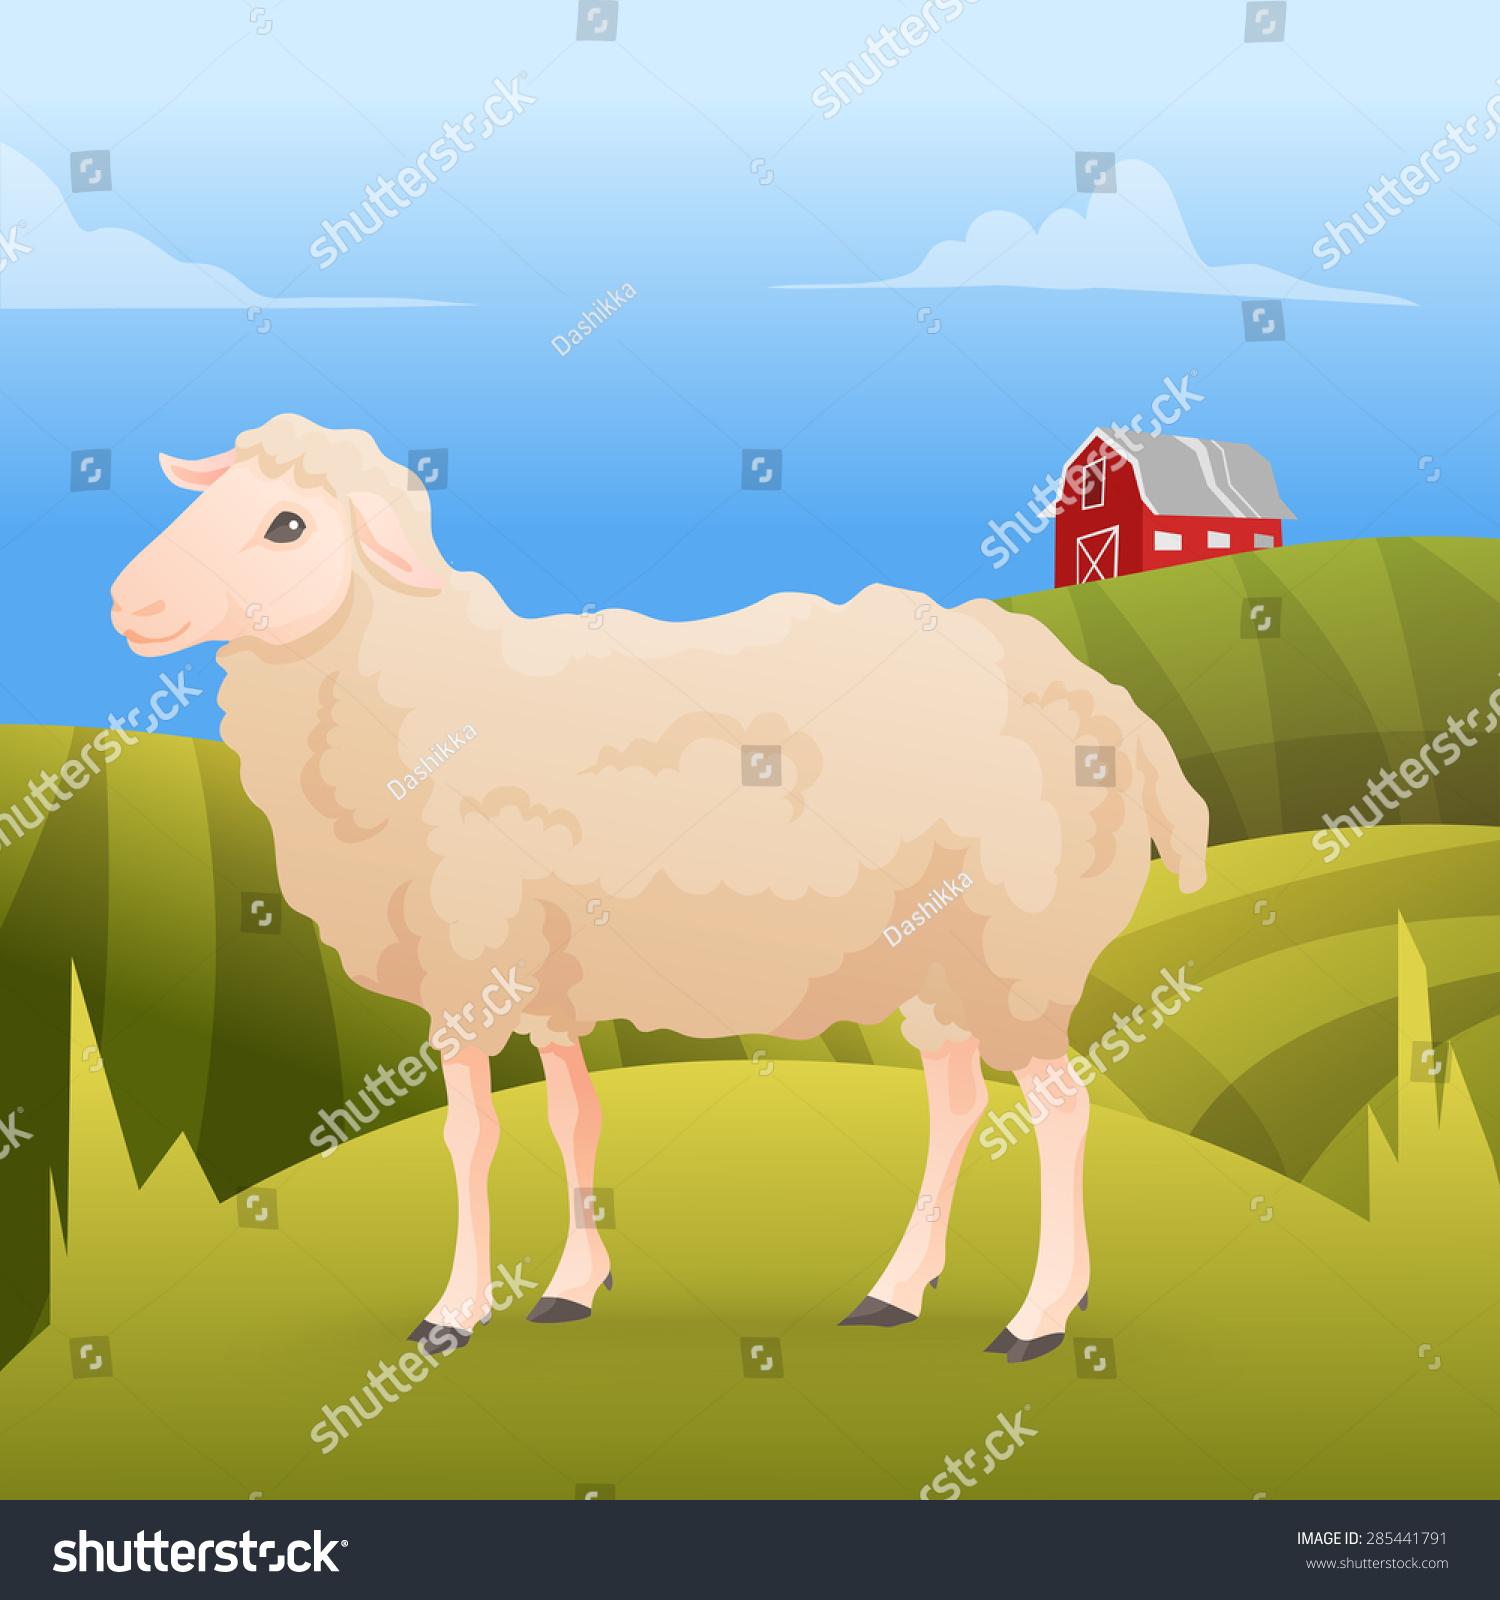 态度可爱的绵羊站在肝和农场的背景.矢量图-动物/野生